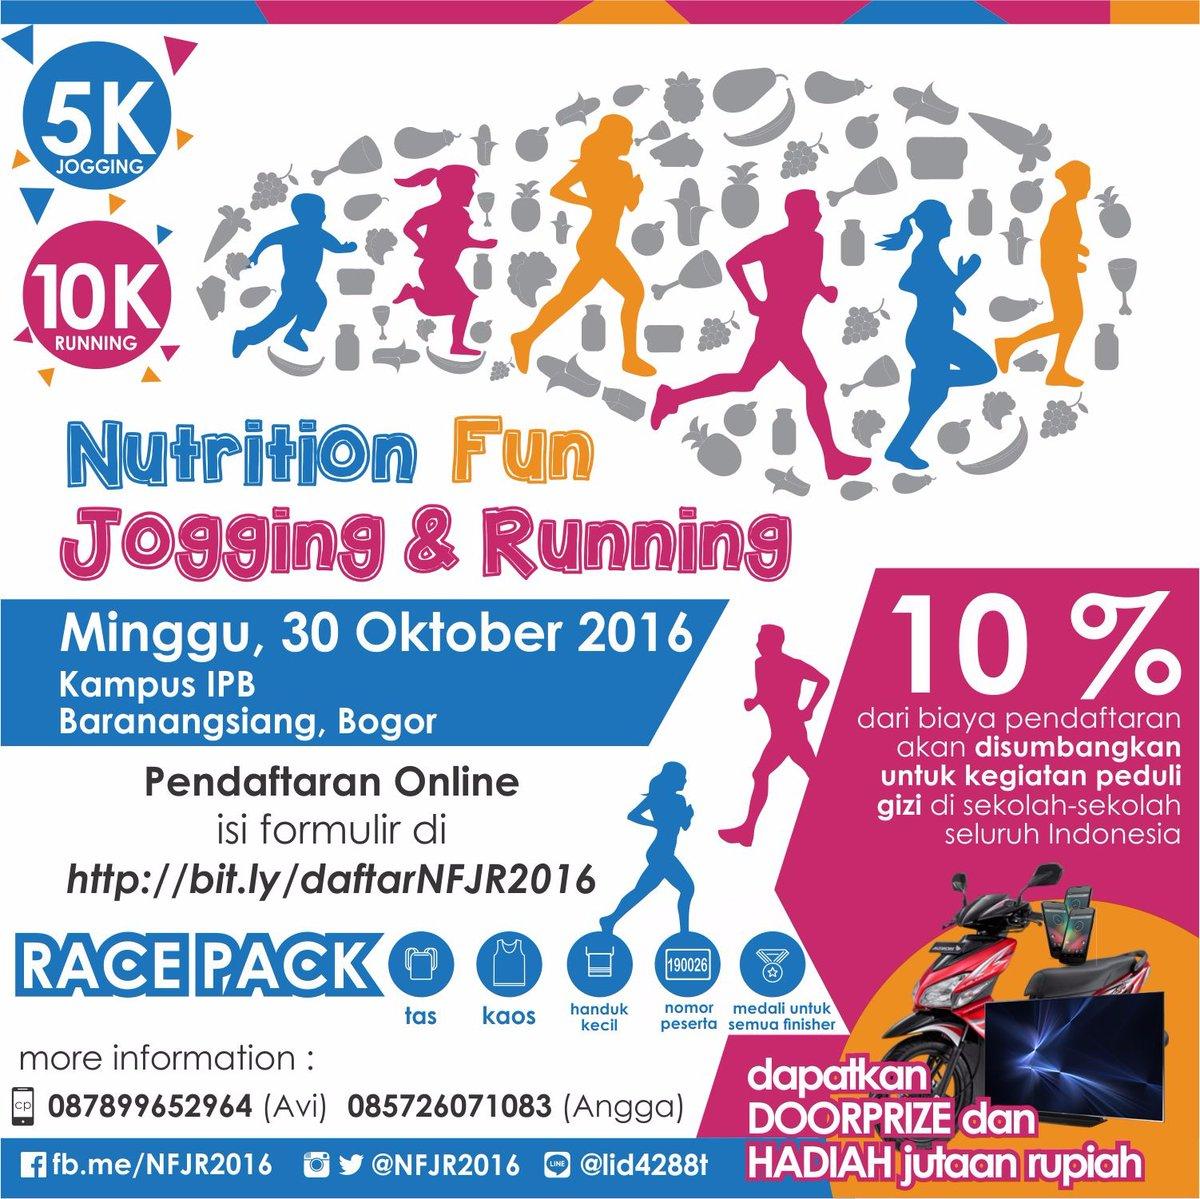 Nutrition Fun Jogging & Running 2016